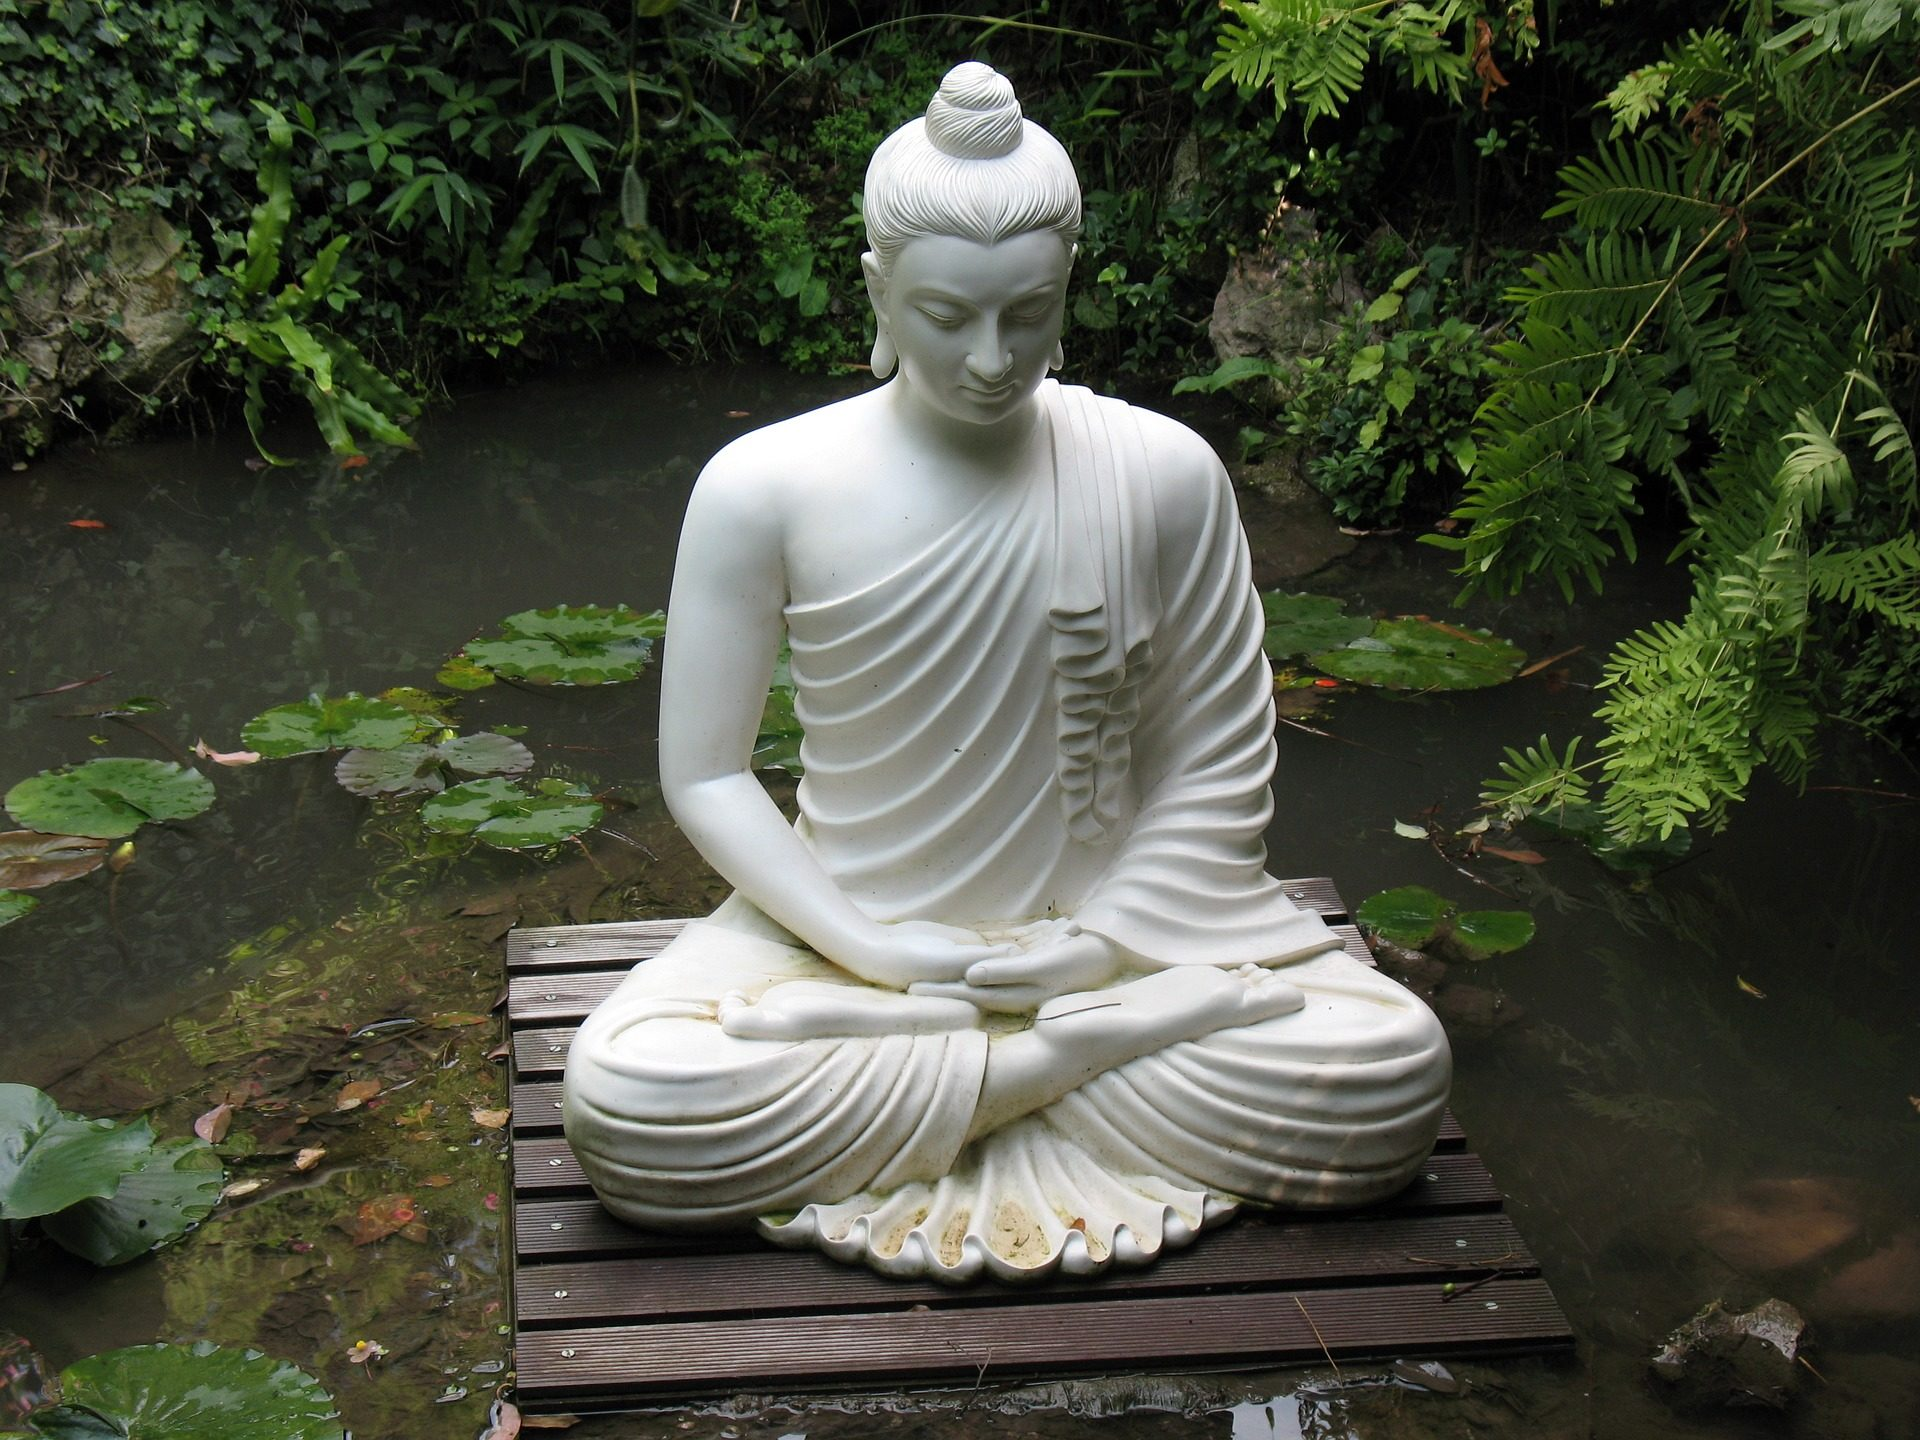 雕像, 佛, 花园, 加尔达, 意大利 - 高清壁纸 - 教授-falken.com